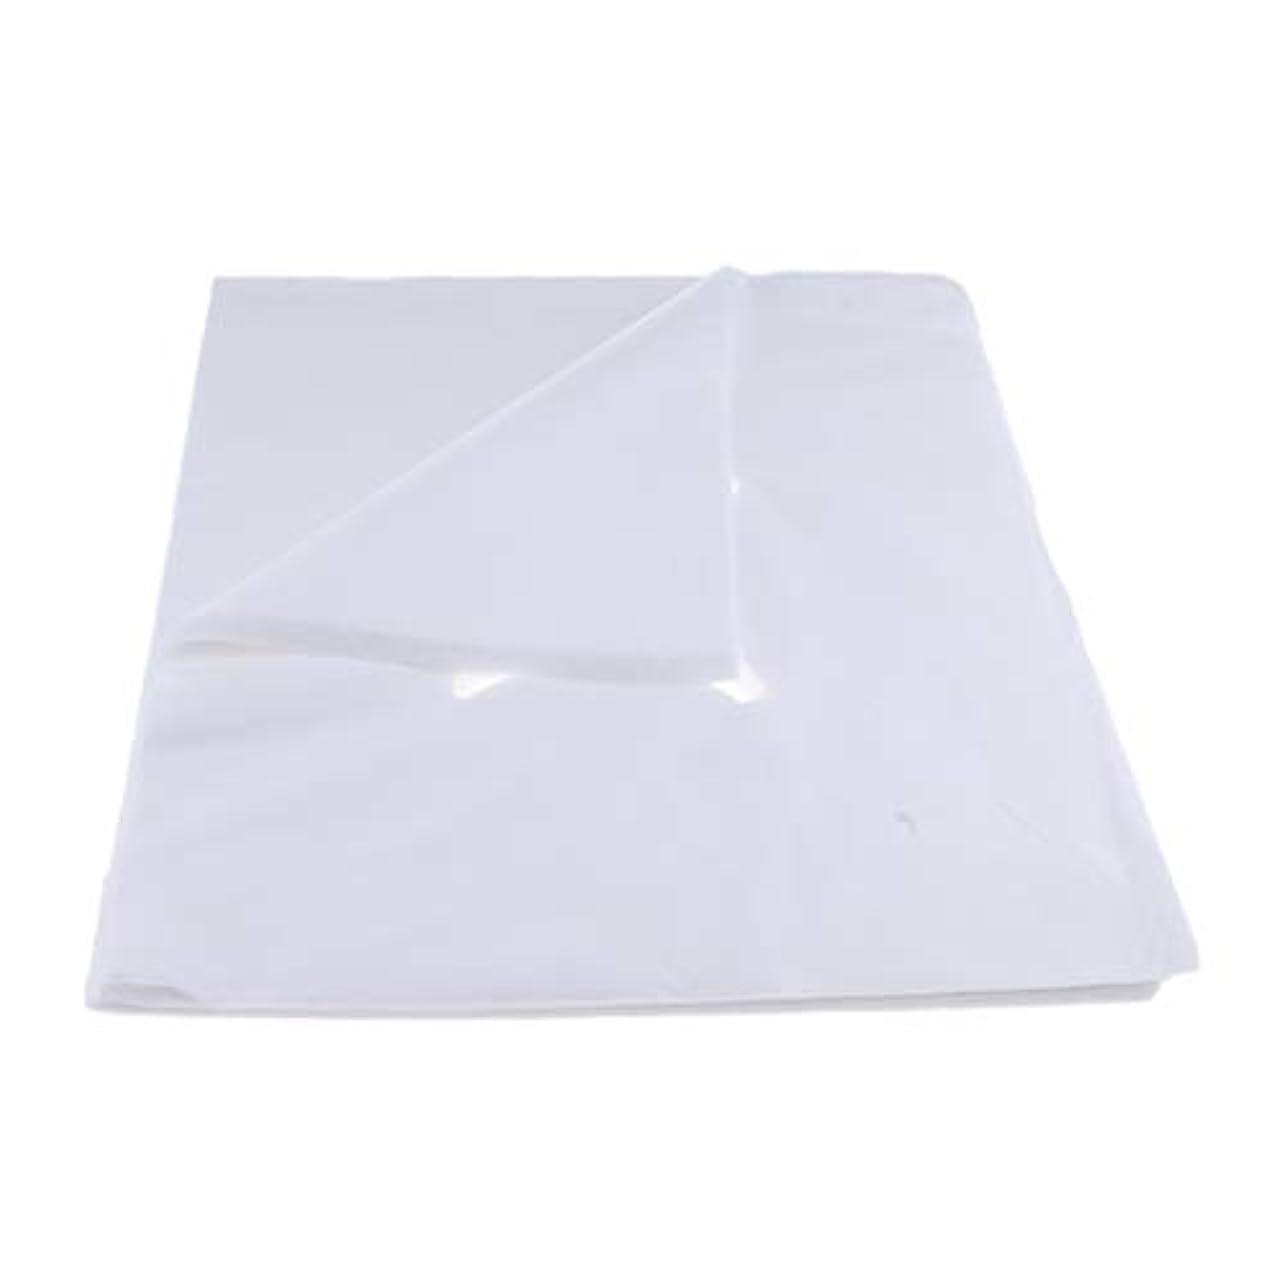 どんよりした個人評判sharprepublic 200ピース/個スクエア不織布ホワイト使い捨てマッサージベッドテーブルフェイスクレードルクッションカバー用ビューティーサロンSPA小売店 - S